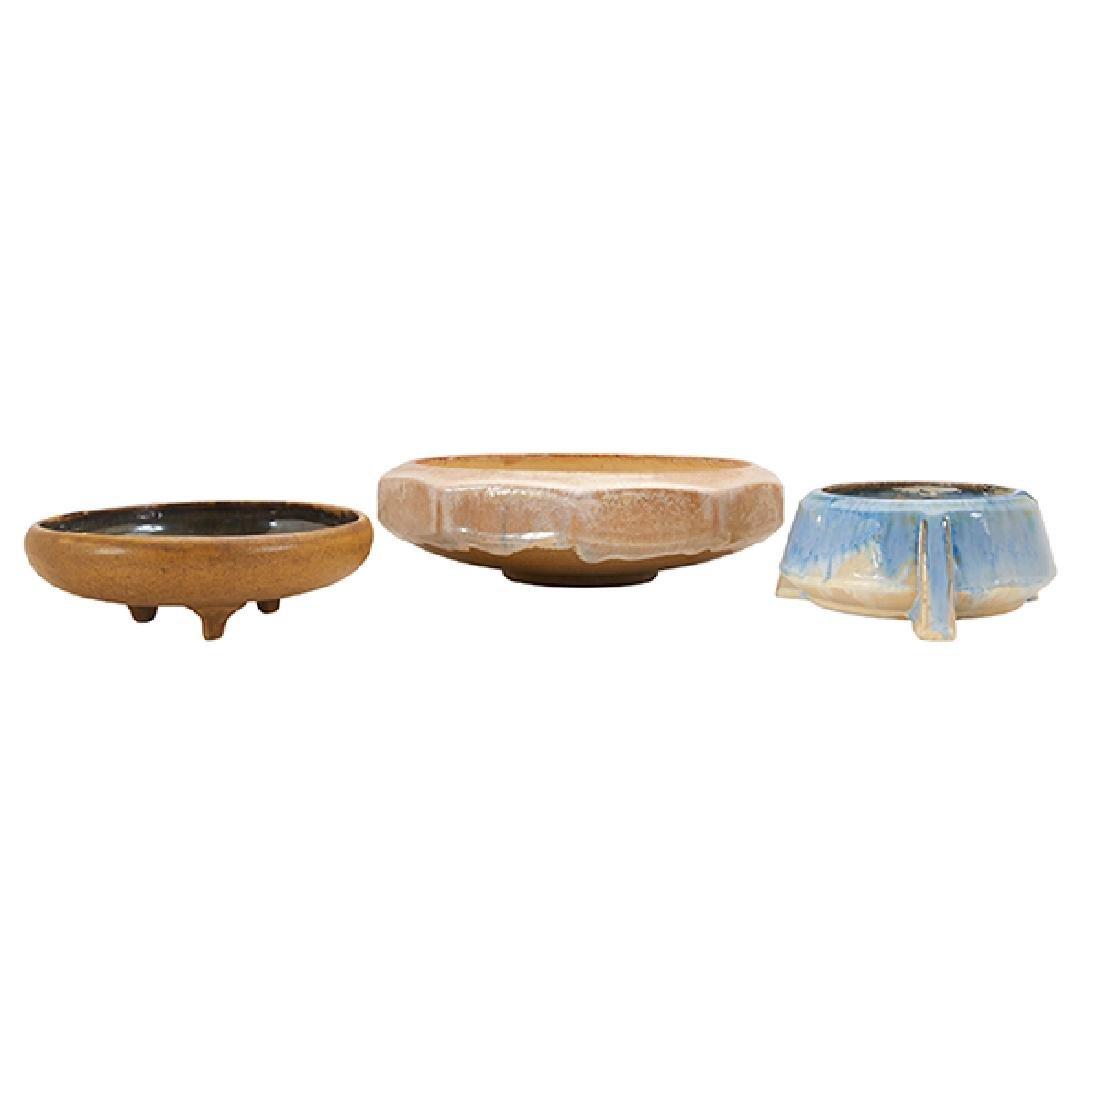 """Fulper Pottery Co. bowls, three  largest: 9.5""""dia x"""